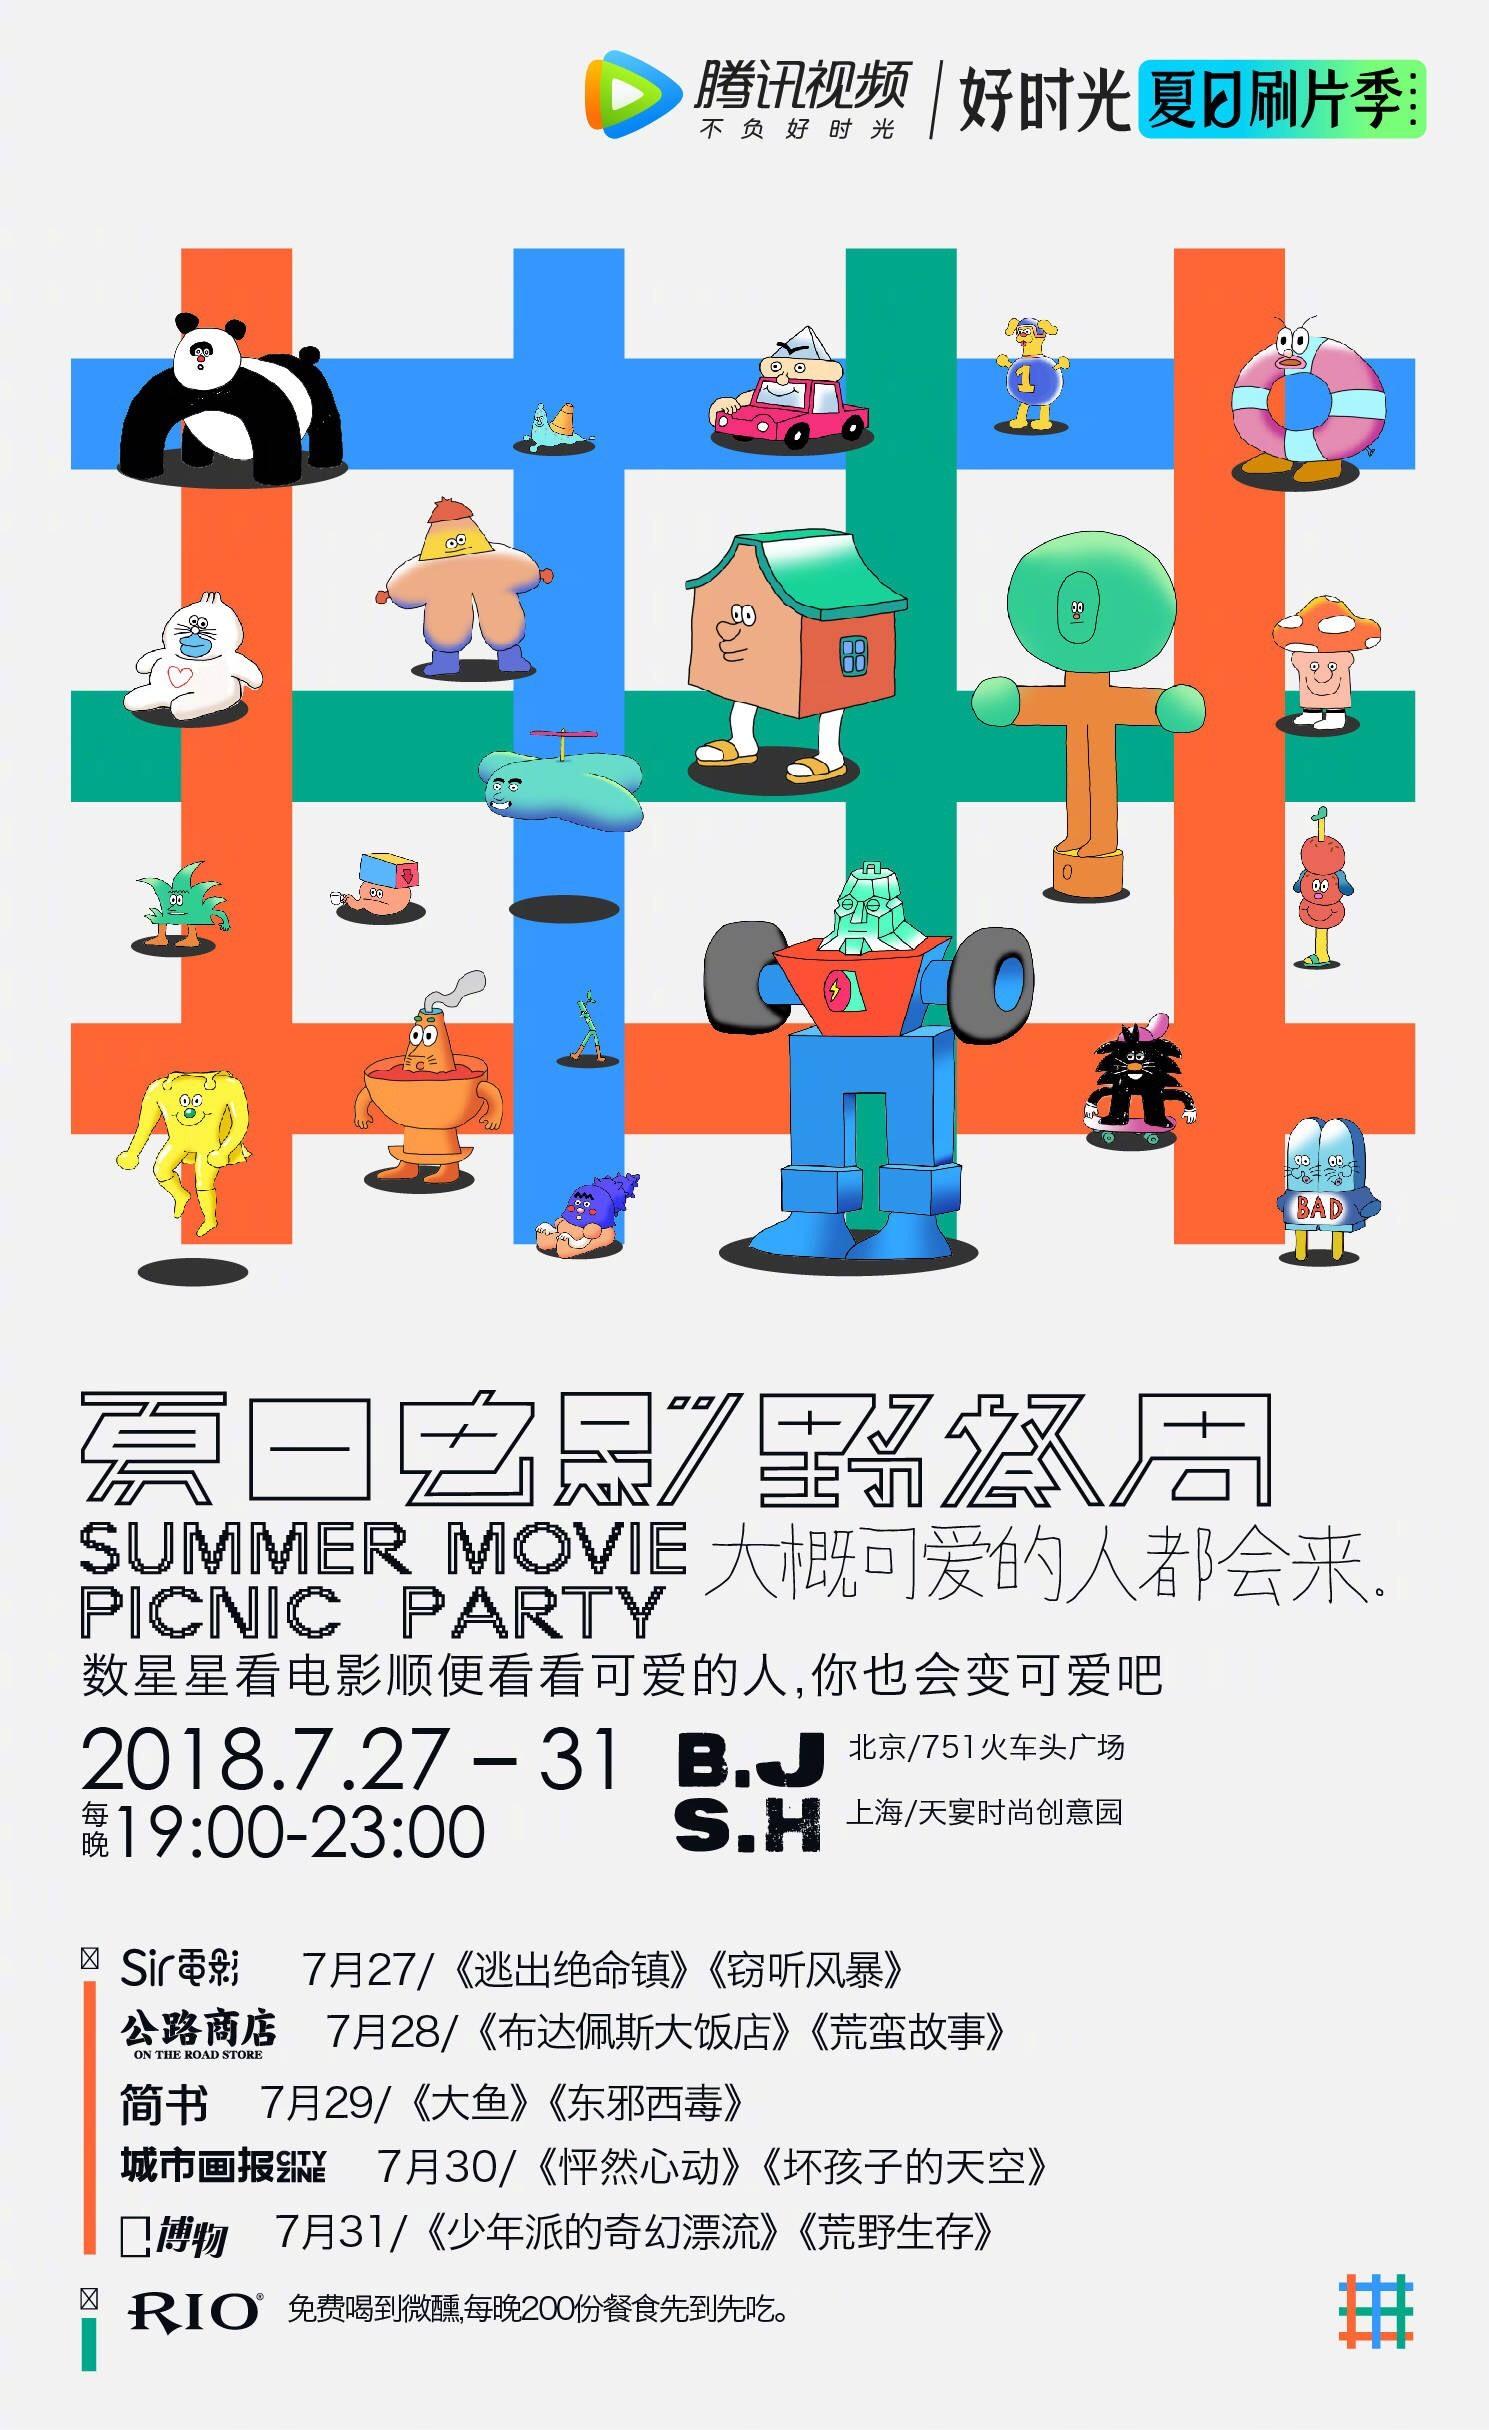 夏日电影野餐周